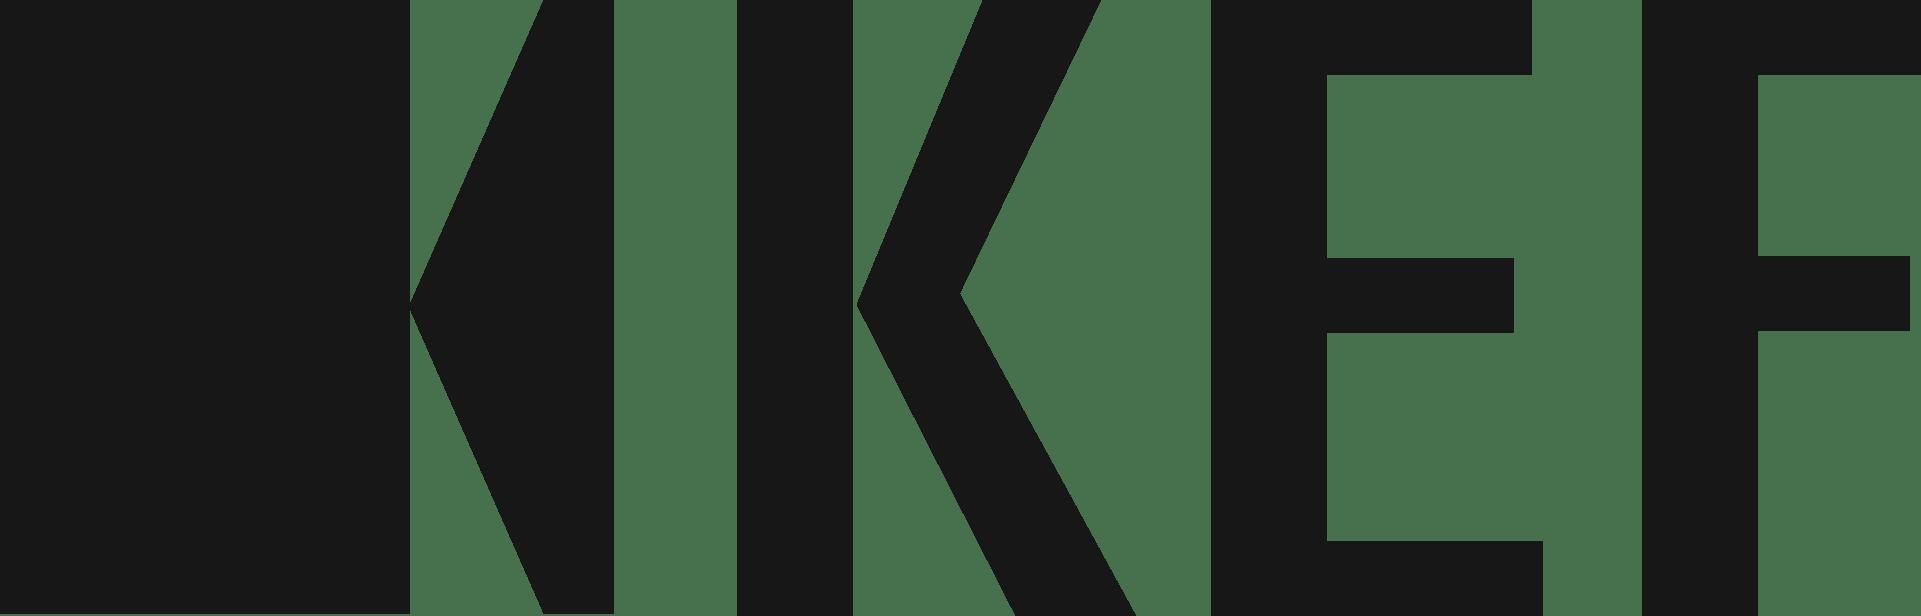 KEF black friday deals